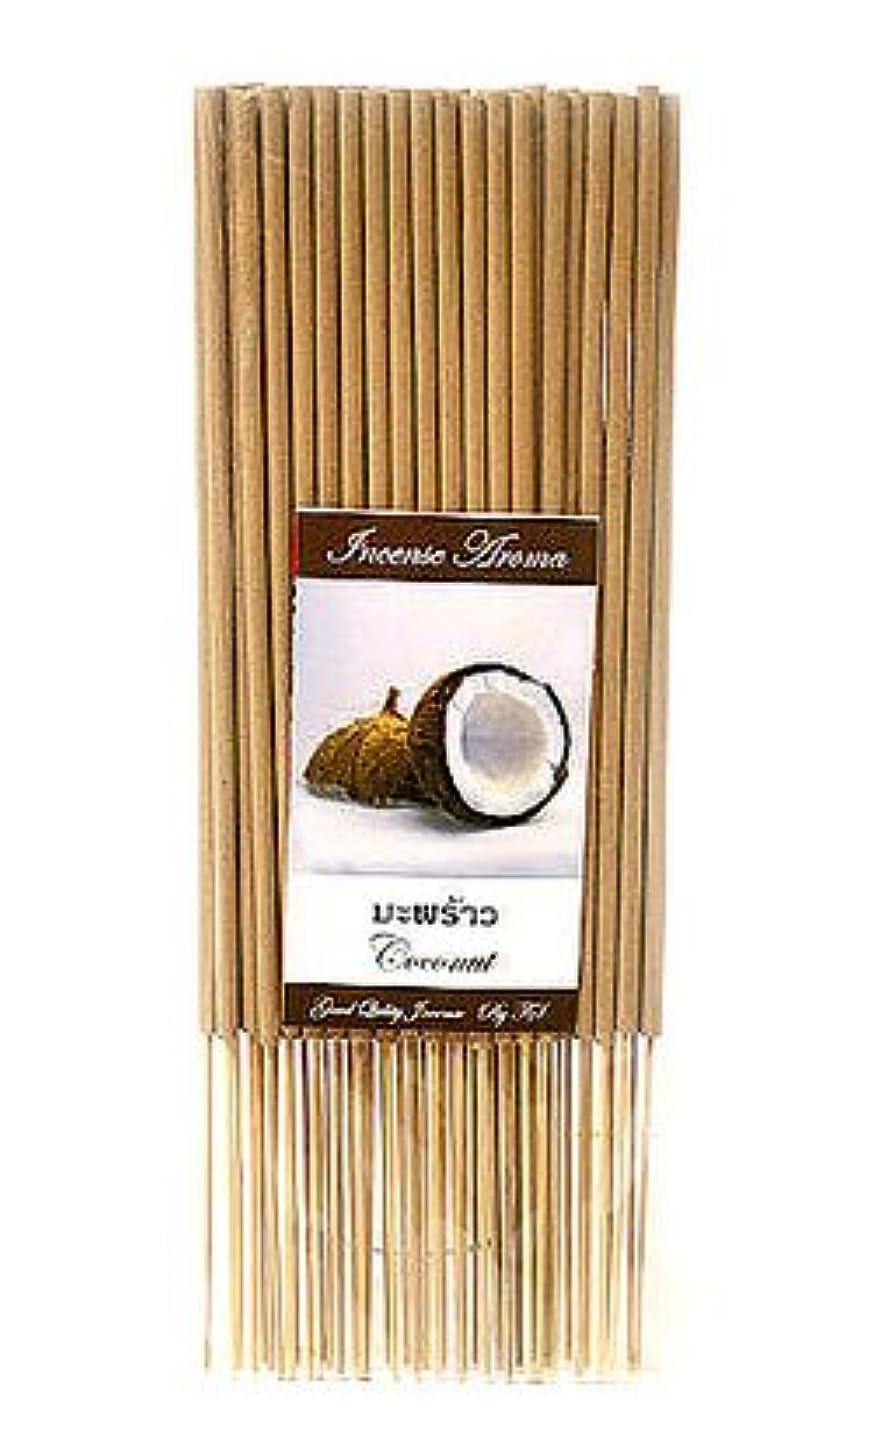 タイのお香 スティックタイプ [ココナッツ] インセンスアロマ 約50本入り アジアン雑貨